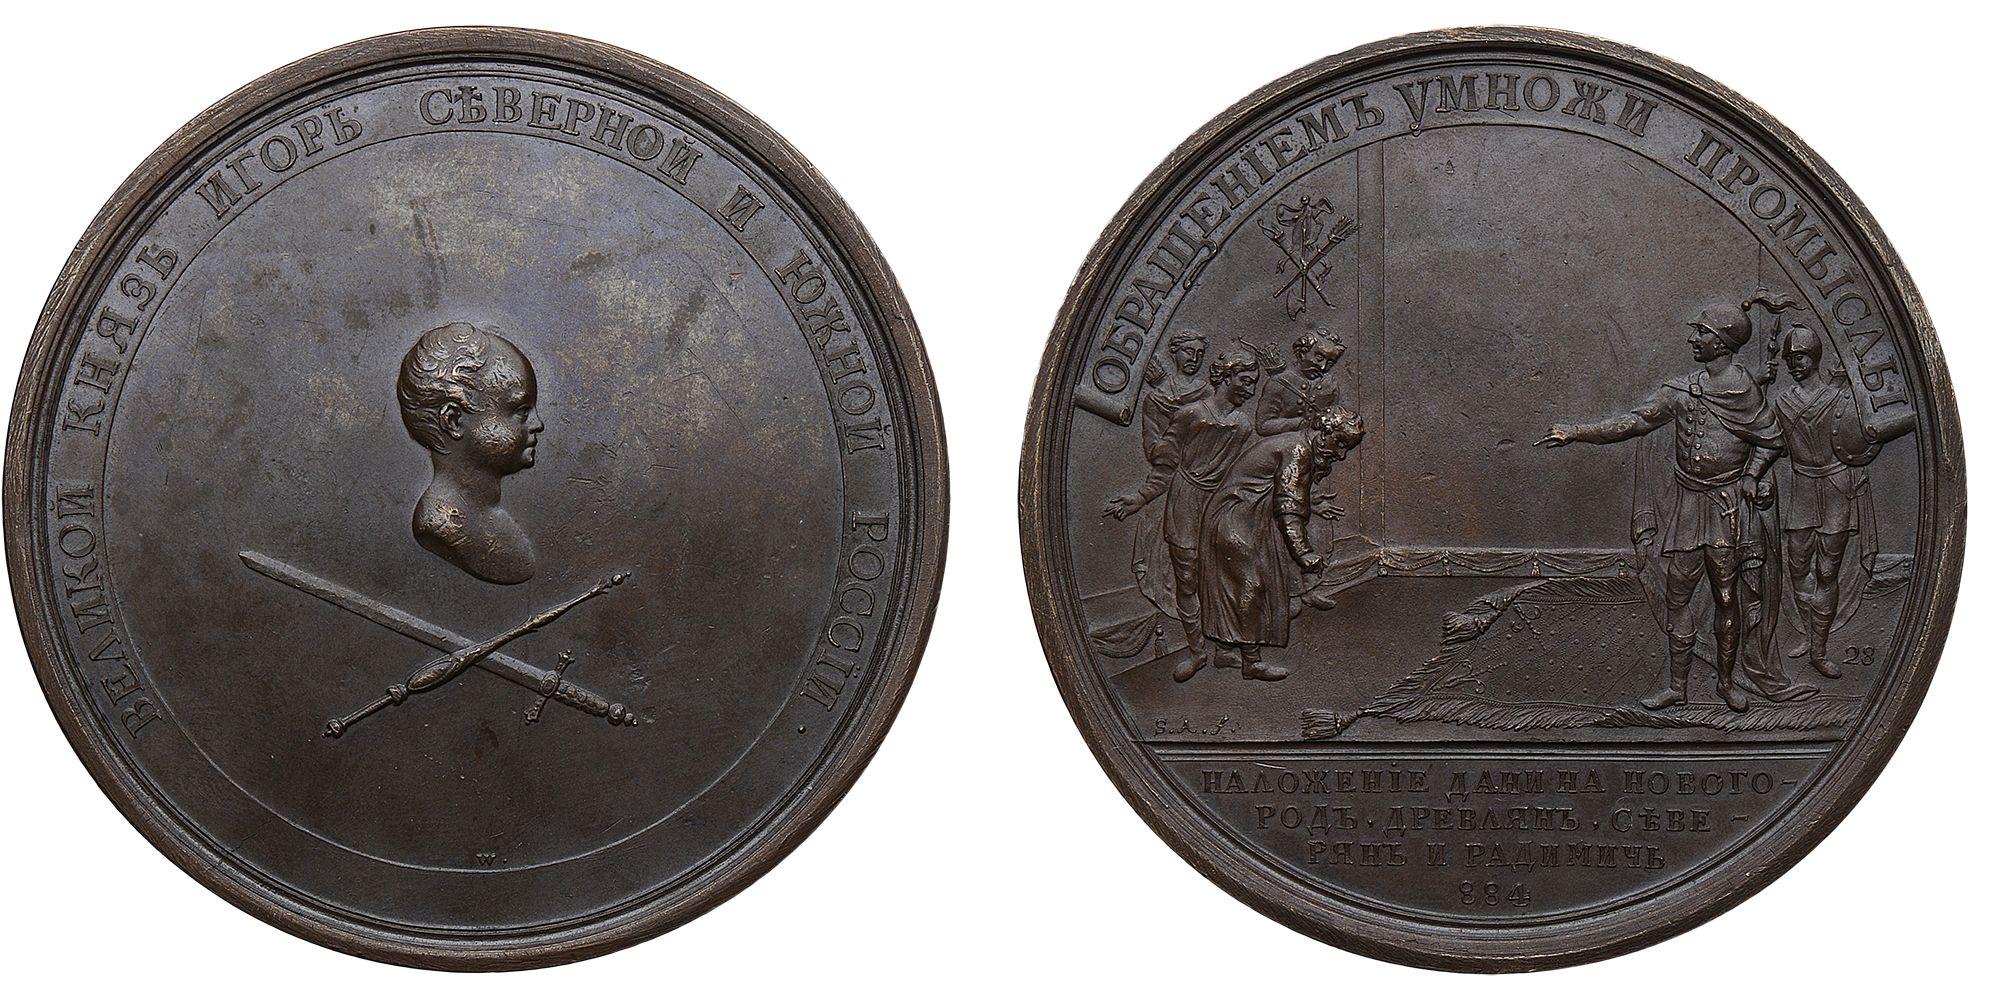 Настольная медаль из исторической серии «В память недоверия умножение промыслов»